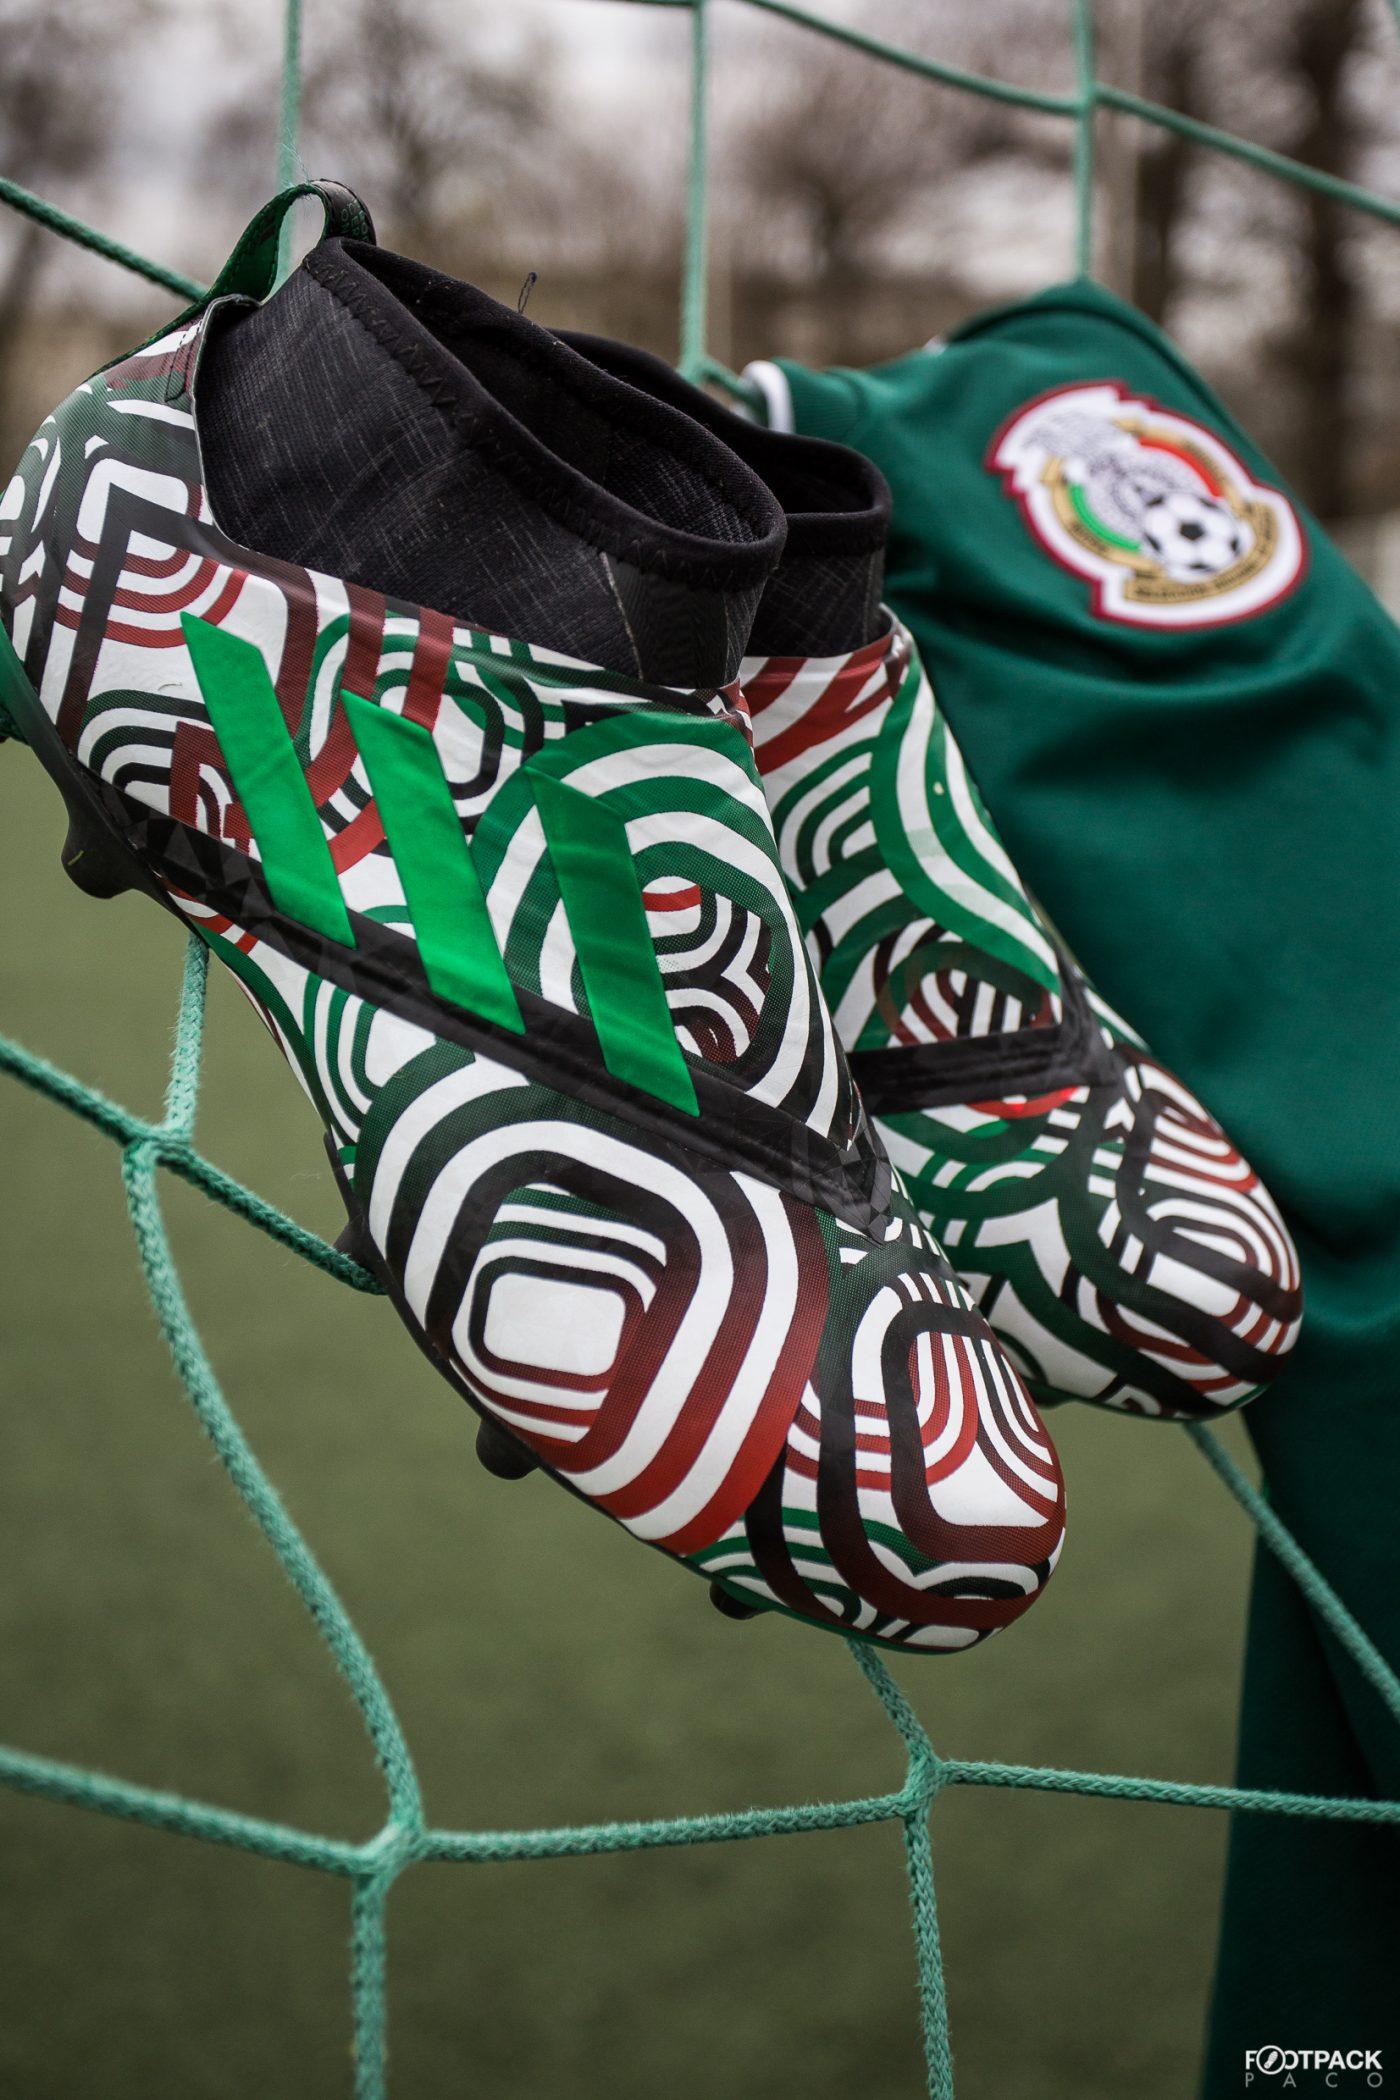 adidas-glitch-number-skin-numberskin-footpack-7